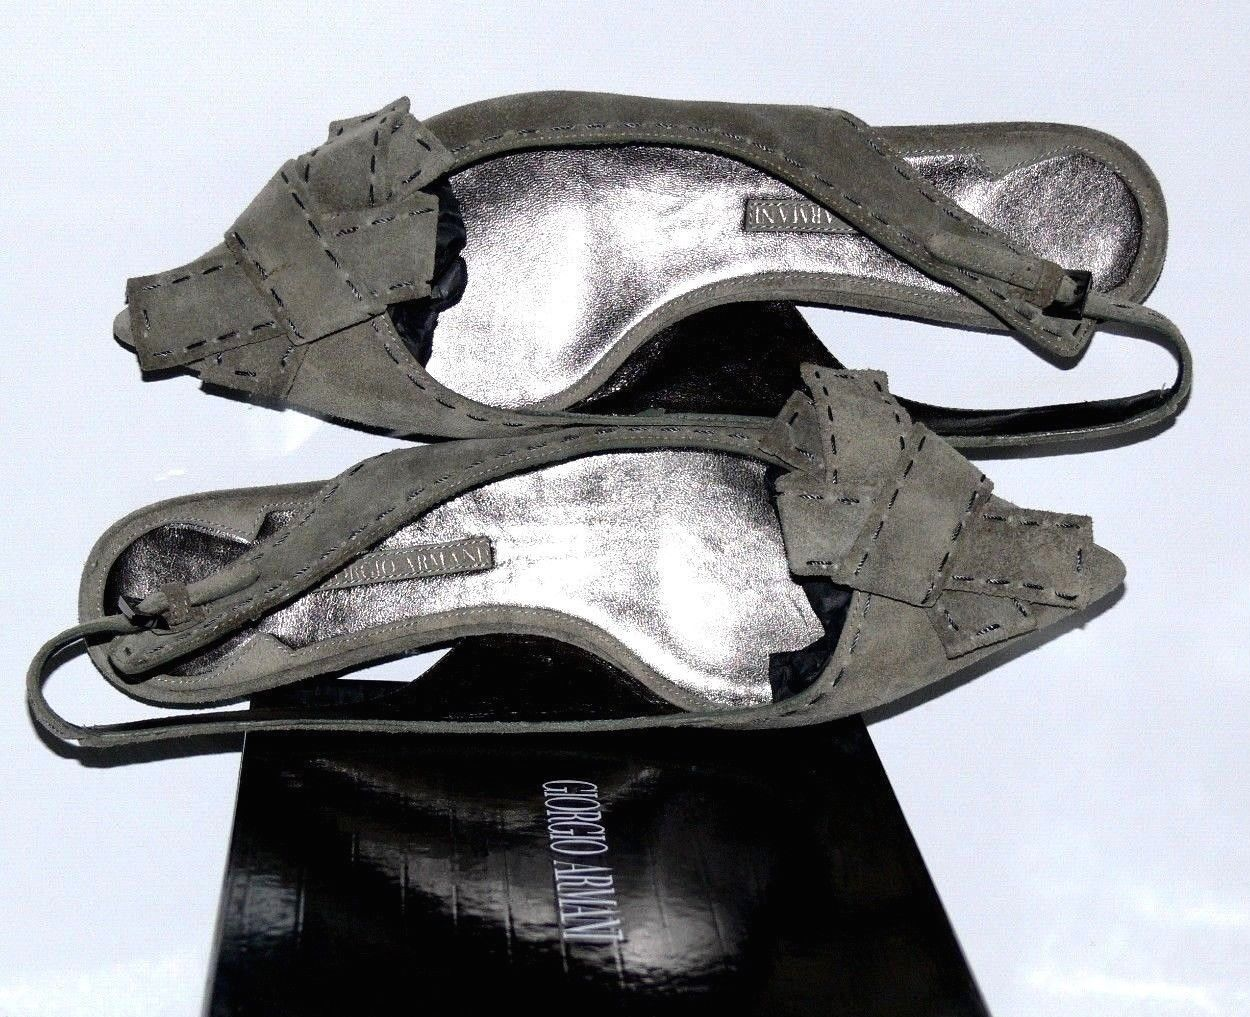 Nuevo pago de 550,00    Giorgio Armani calzado de terciopelo italiano SZ US 6,5   36,5